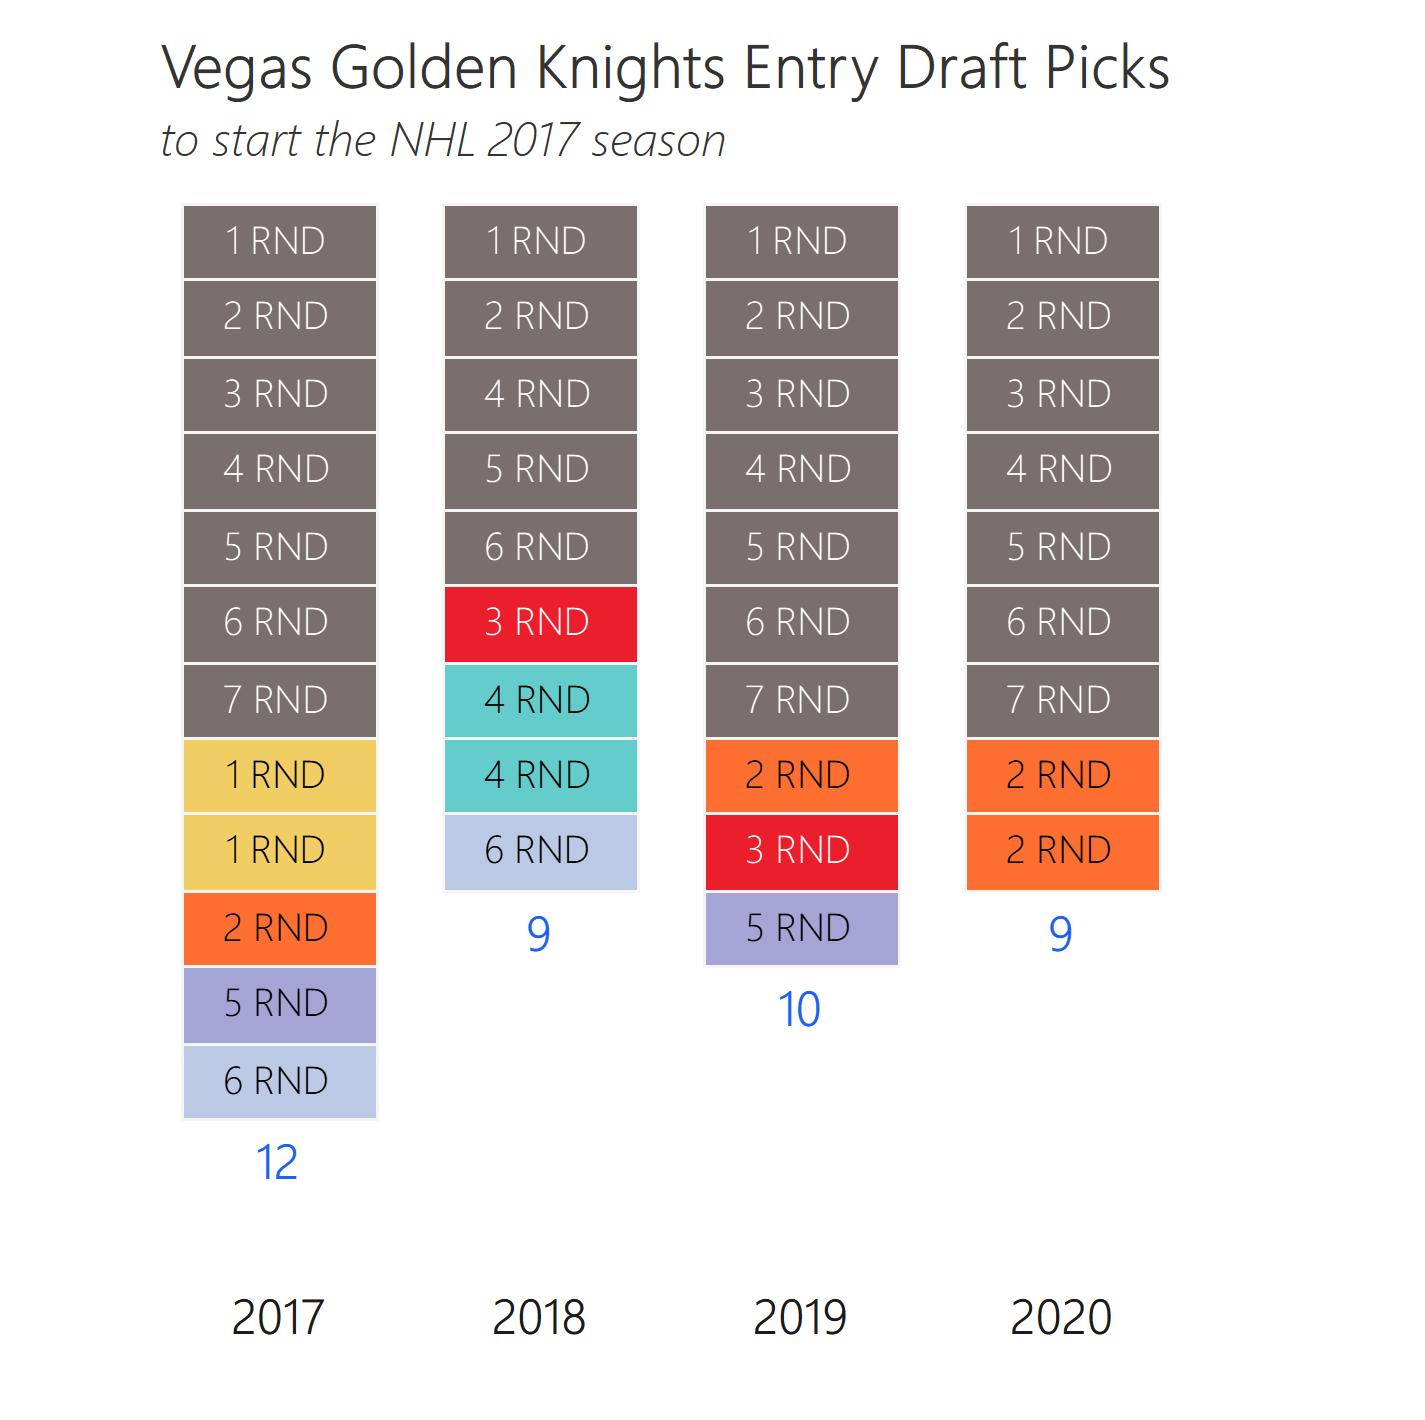 Vegas Draft picks from expansion